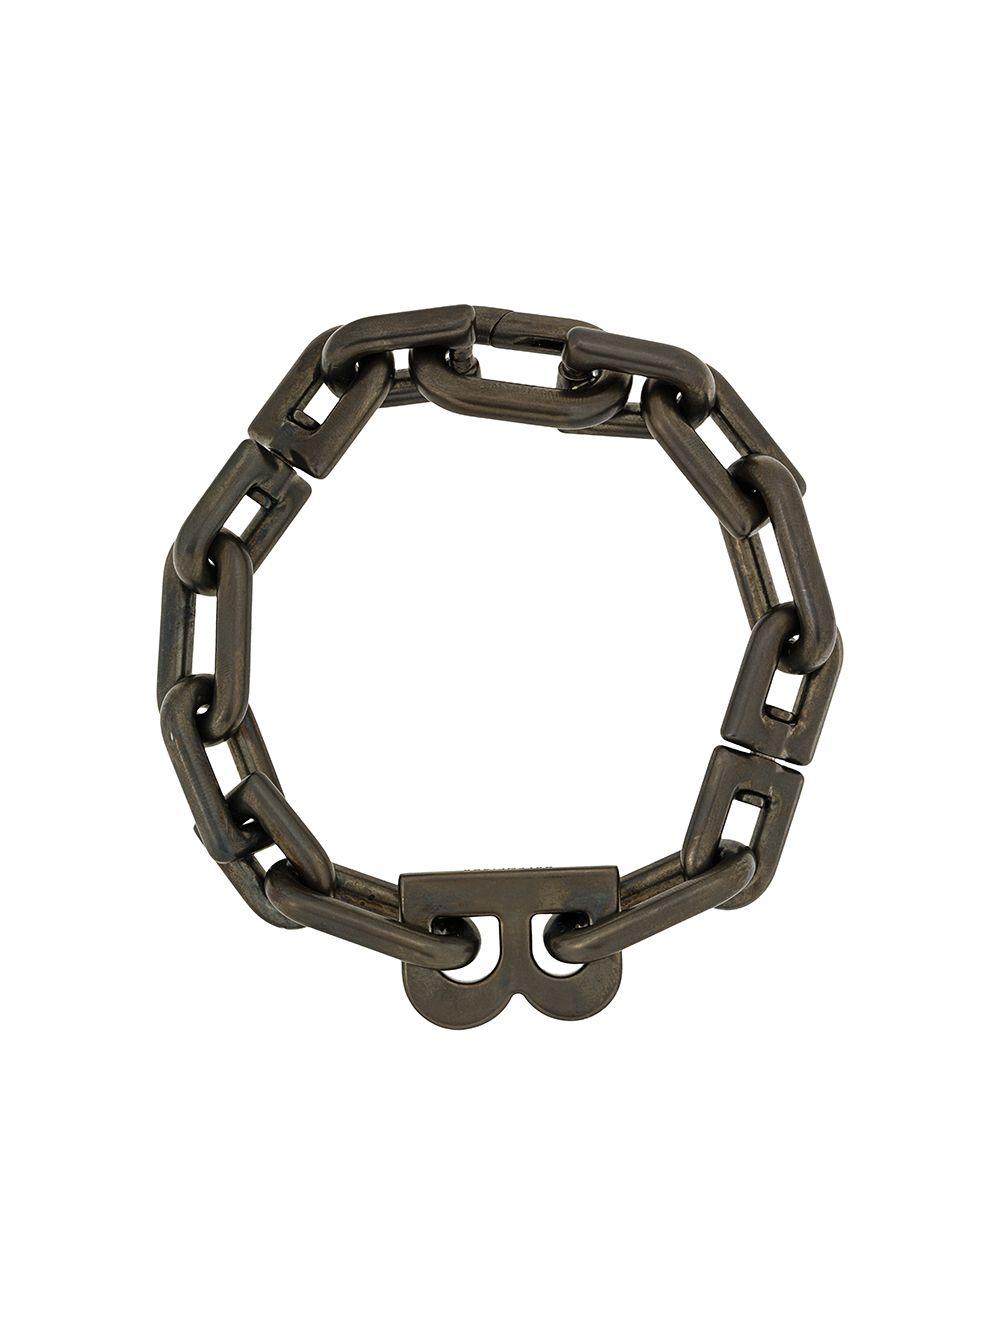 Balenciaga B Chain Bracelet Farfetch 2020 체인 팔찌 체인 목걸이 패션 위크